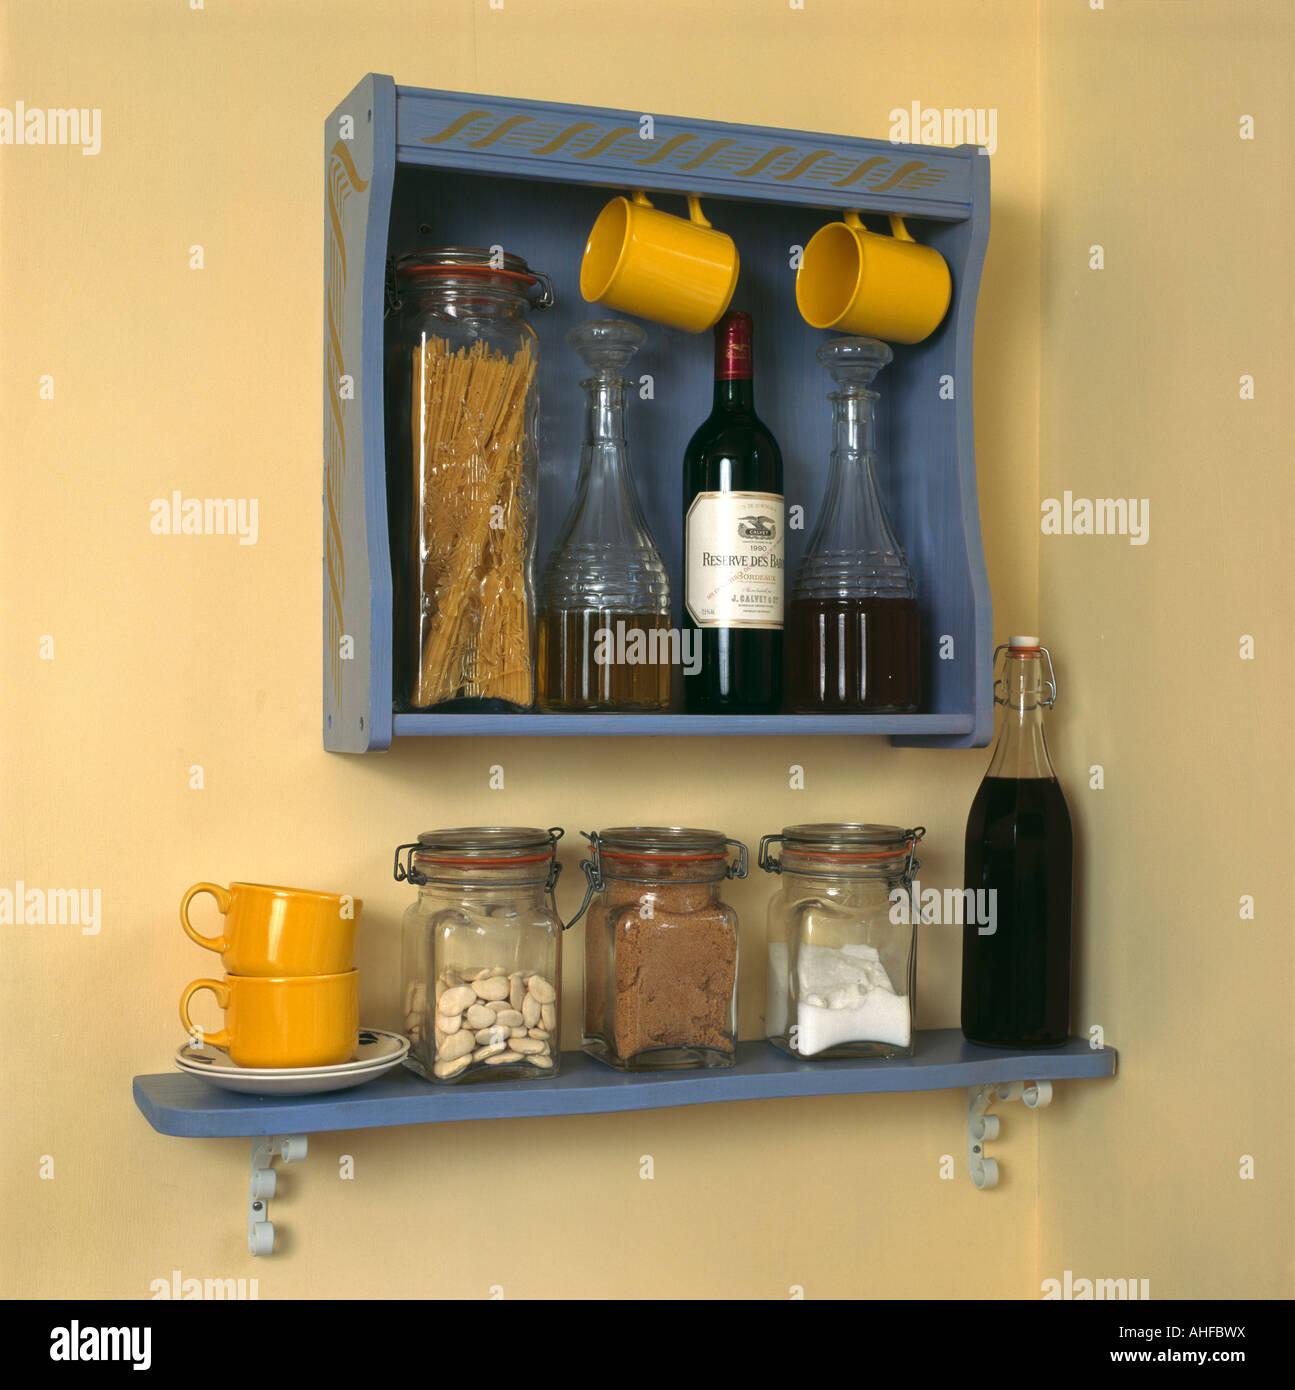 Ziemlich Küchenregal Mit Tasse Haken Ideen - Küchenschrank Ideen ...